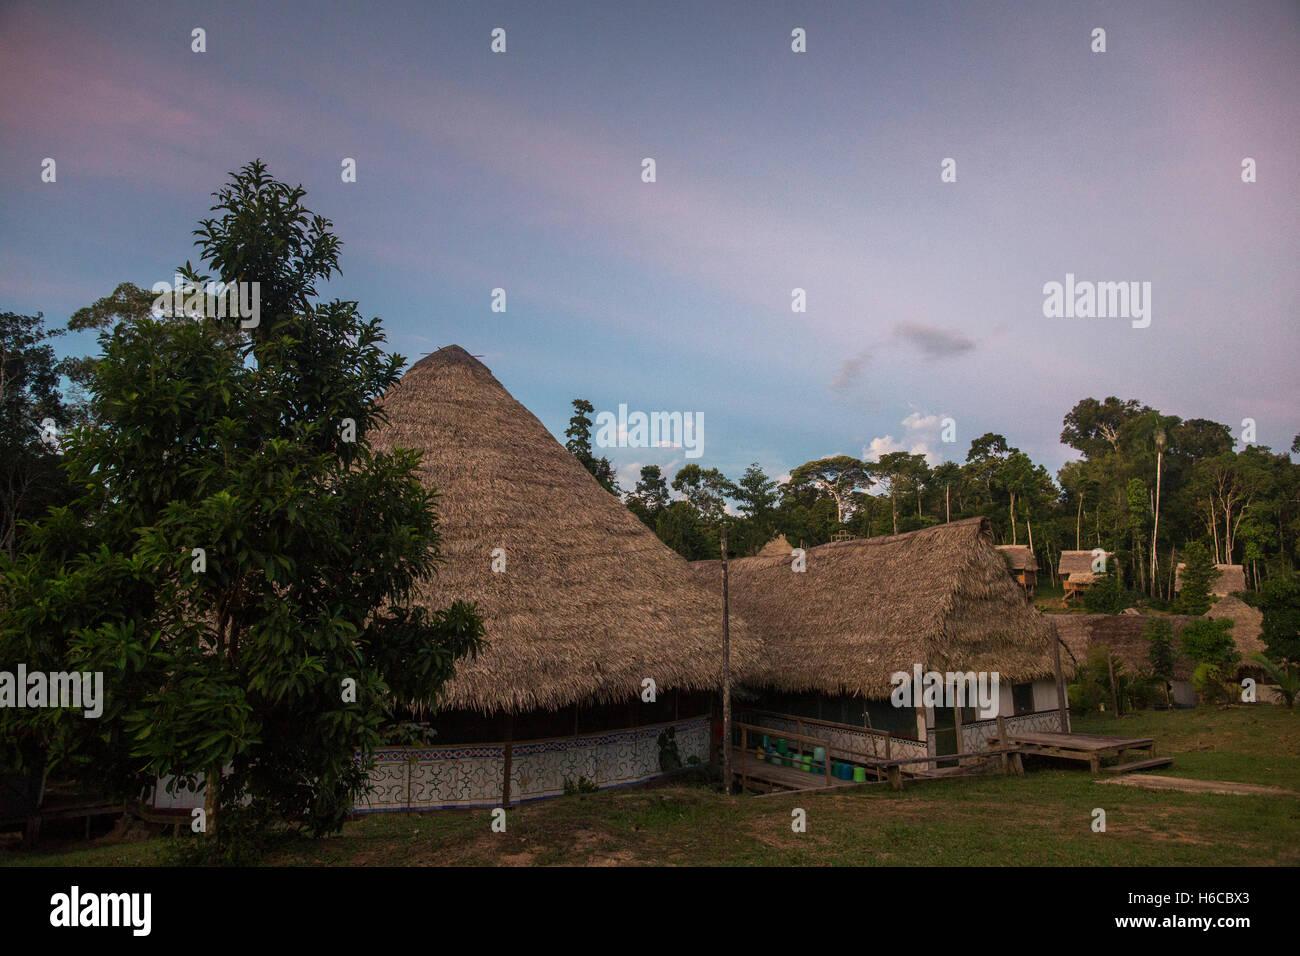 Un centro de sanación y medicina ayahuasca maloca en la amazonía peruana en una selva borrado al anochecer cerca de Iquitos Foto de stock